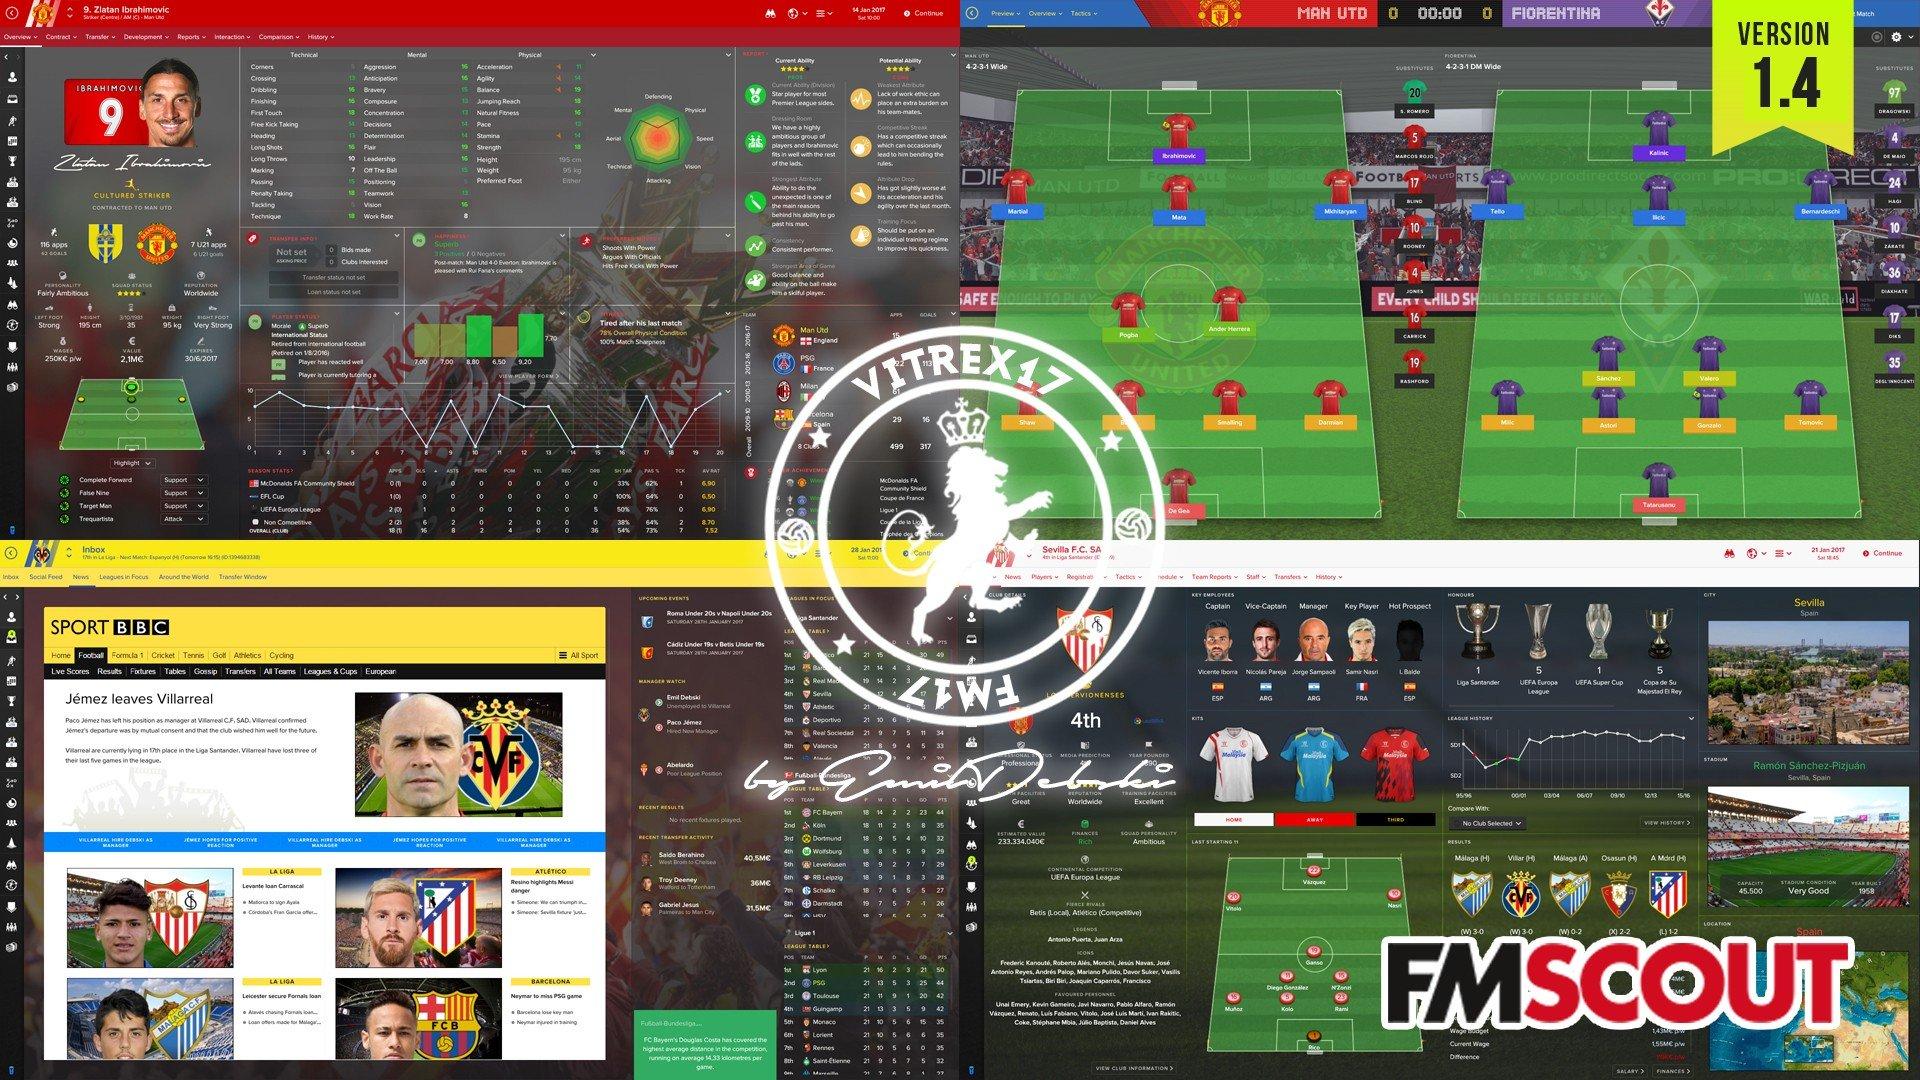 VITREX17 for FM17 SHwuW